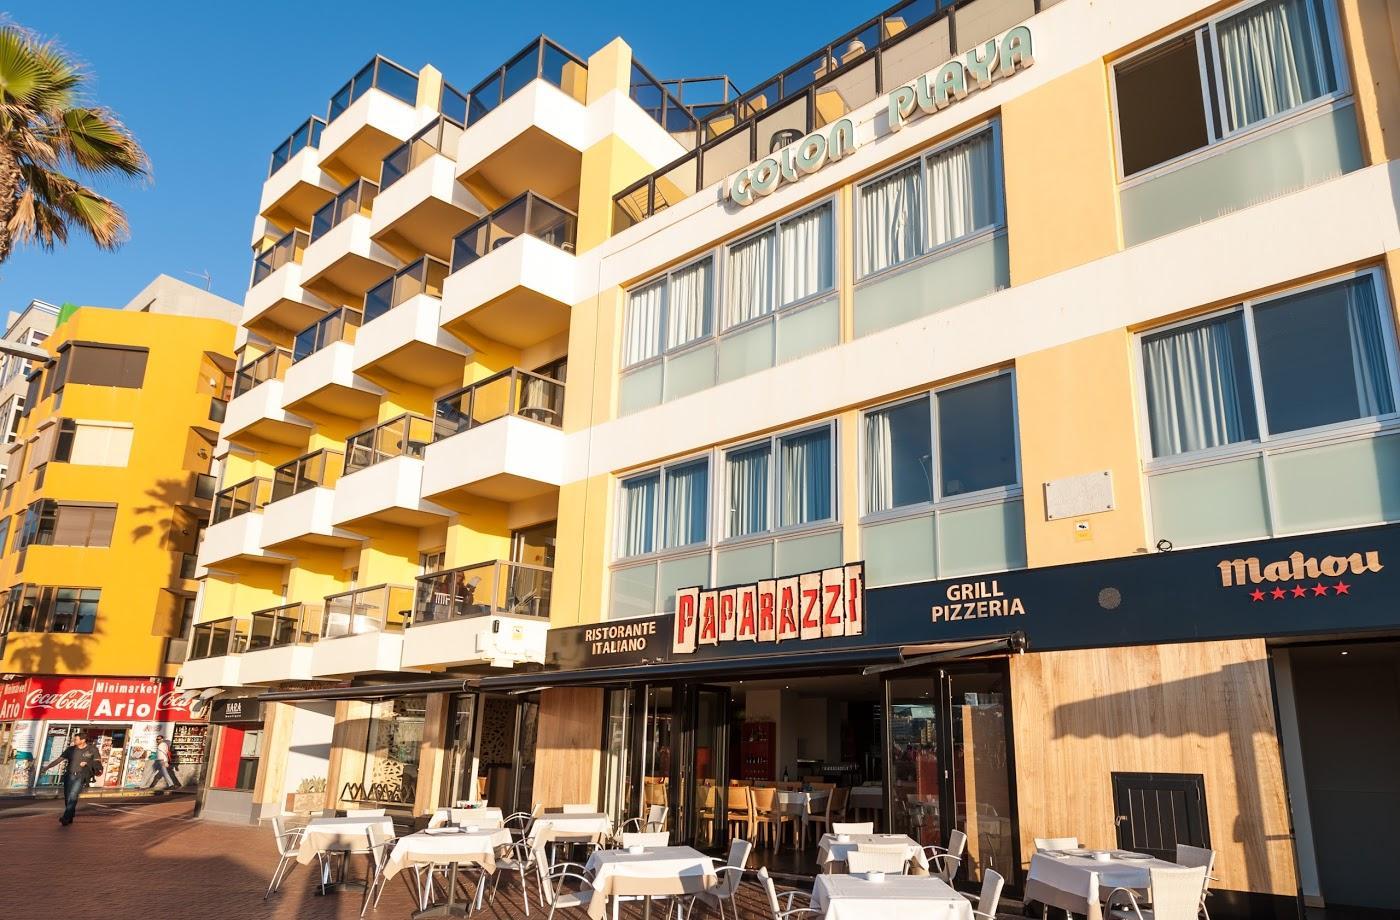 Hotel colon playa en las palmas de gran canaria gran - Apartamentos baratos playa vacaciones ...